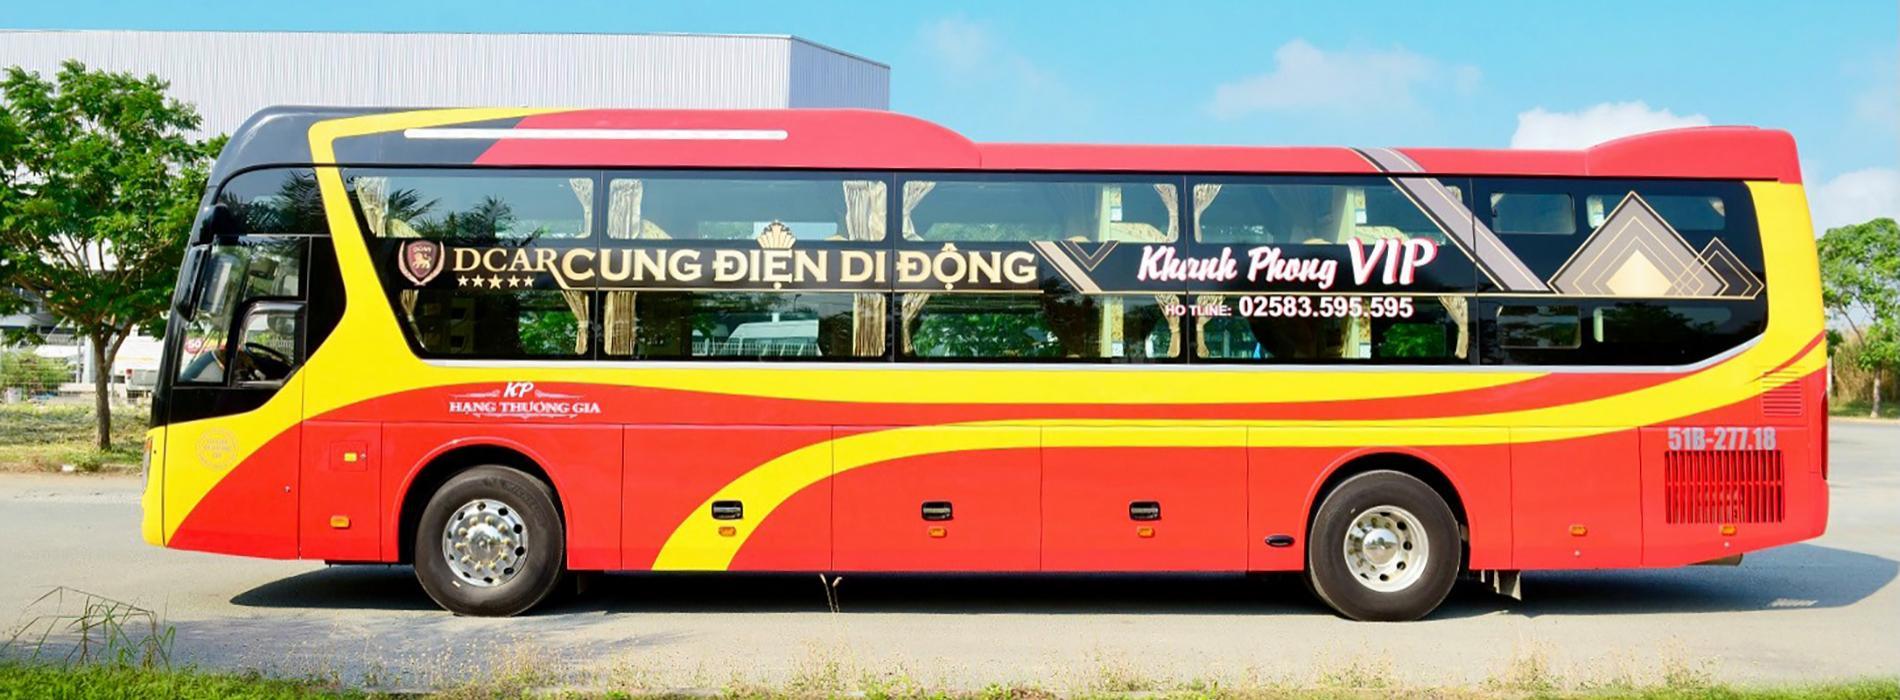 xe-khanh-phong